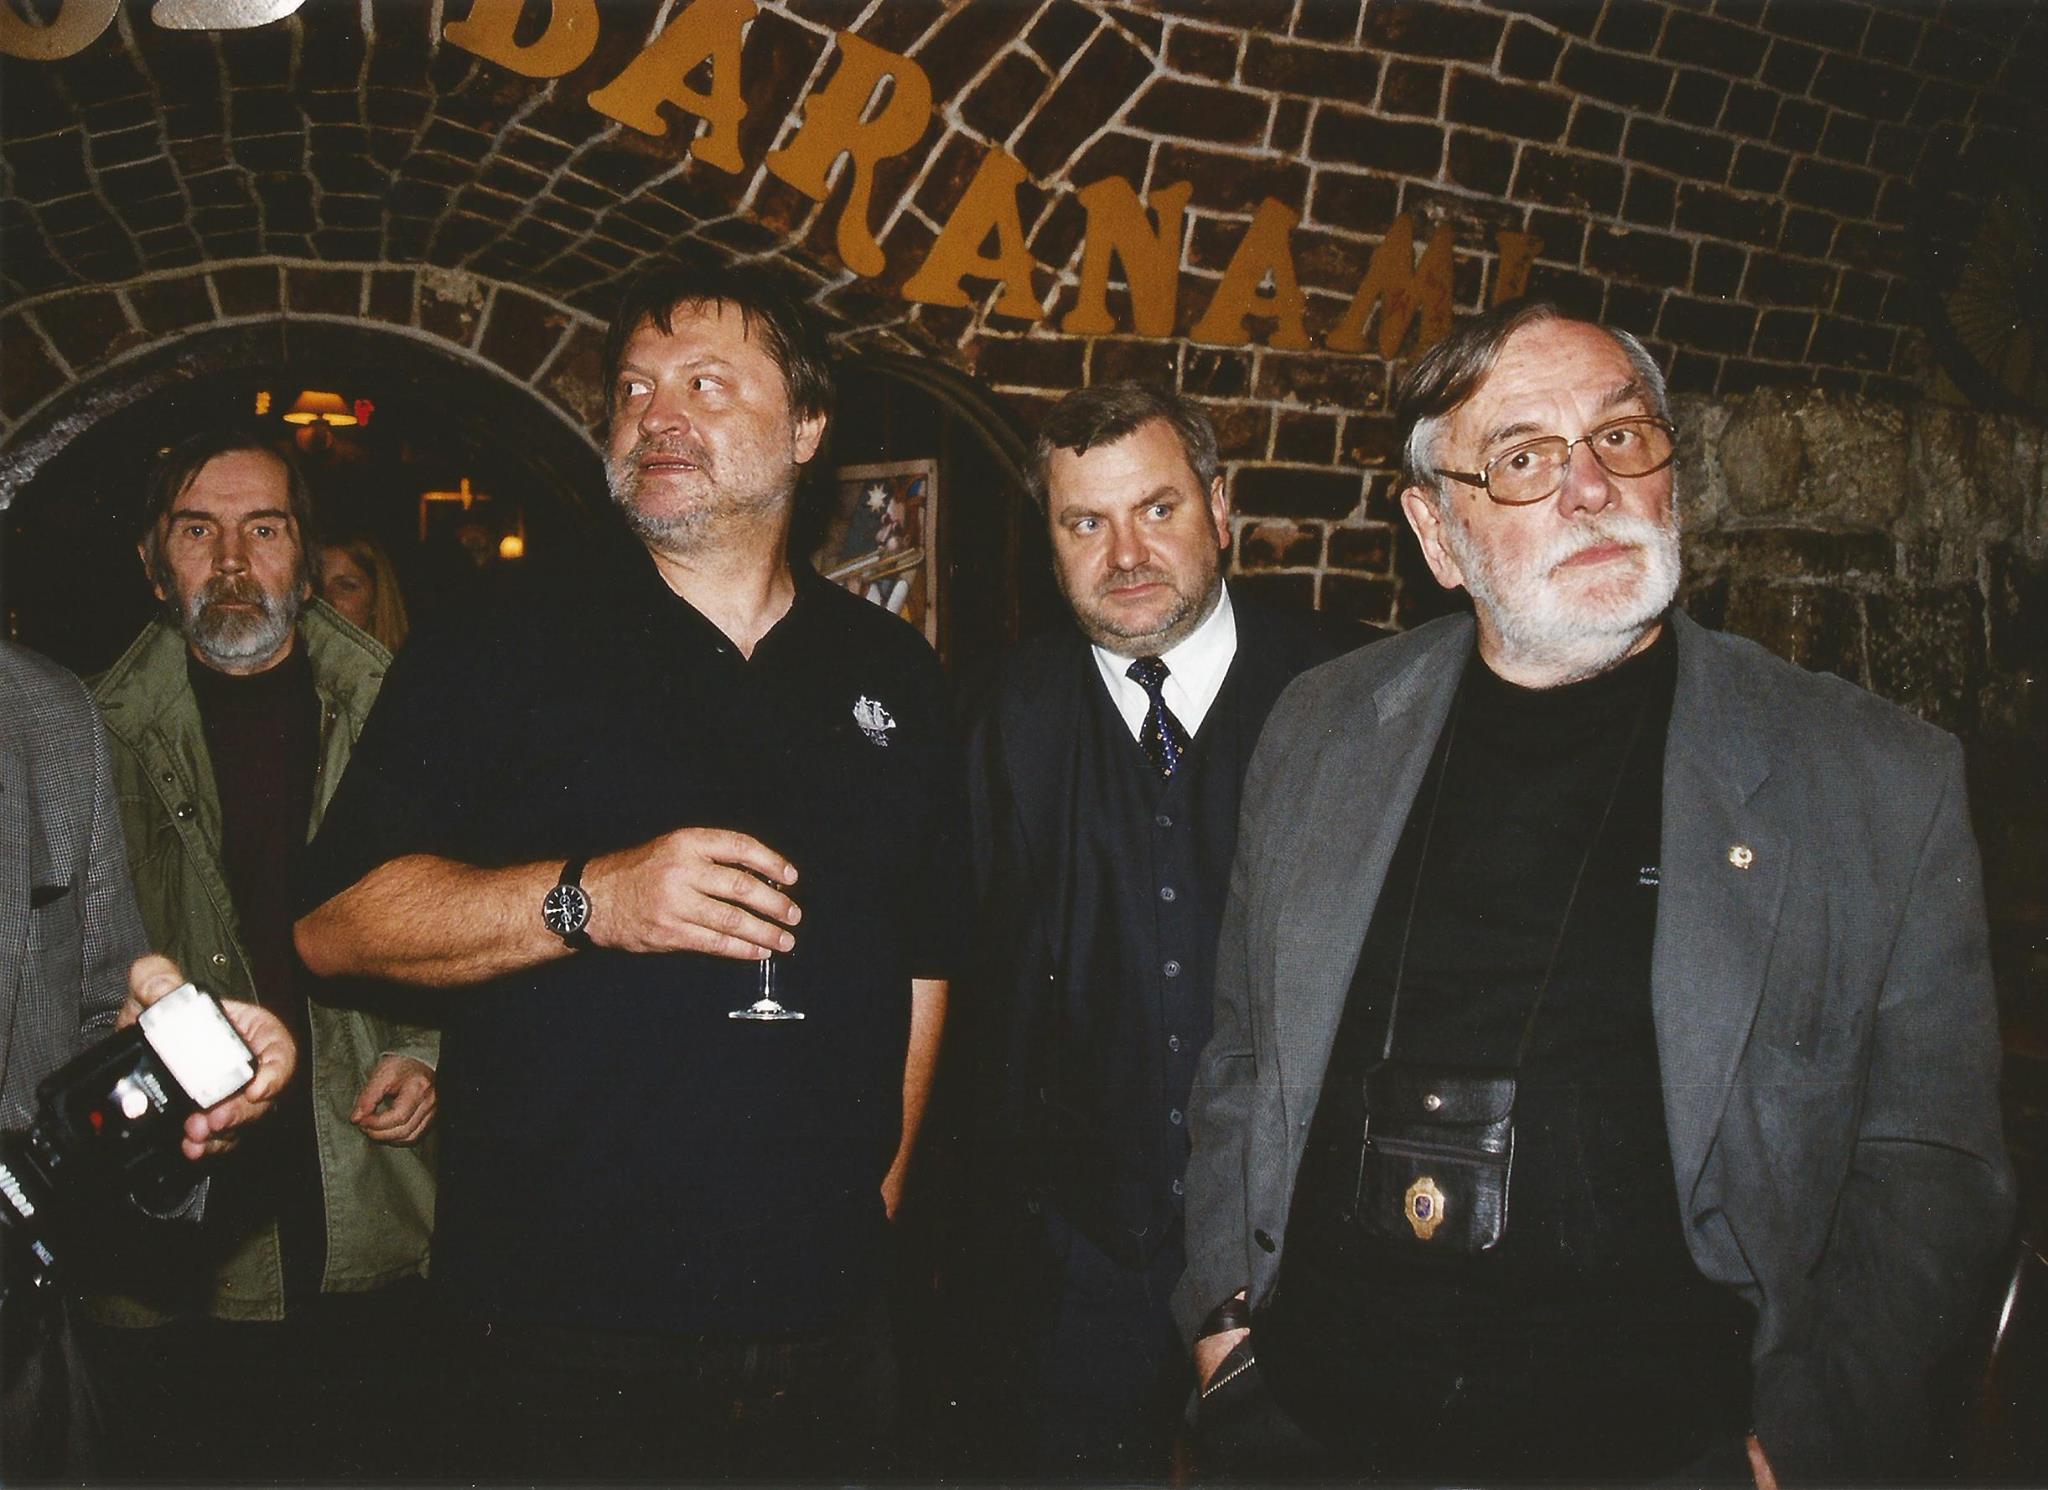 Na zdjęciu od lewej: Andrzej Warchał, Jarek Śmietana, Witold Wnuk, Andrzej Kurylewicz - 2003 r.